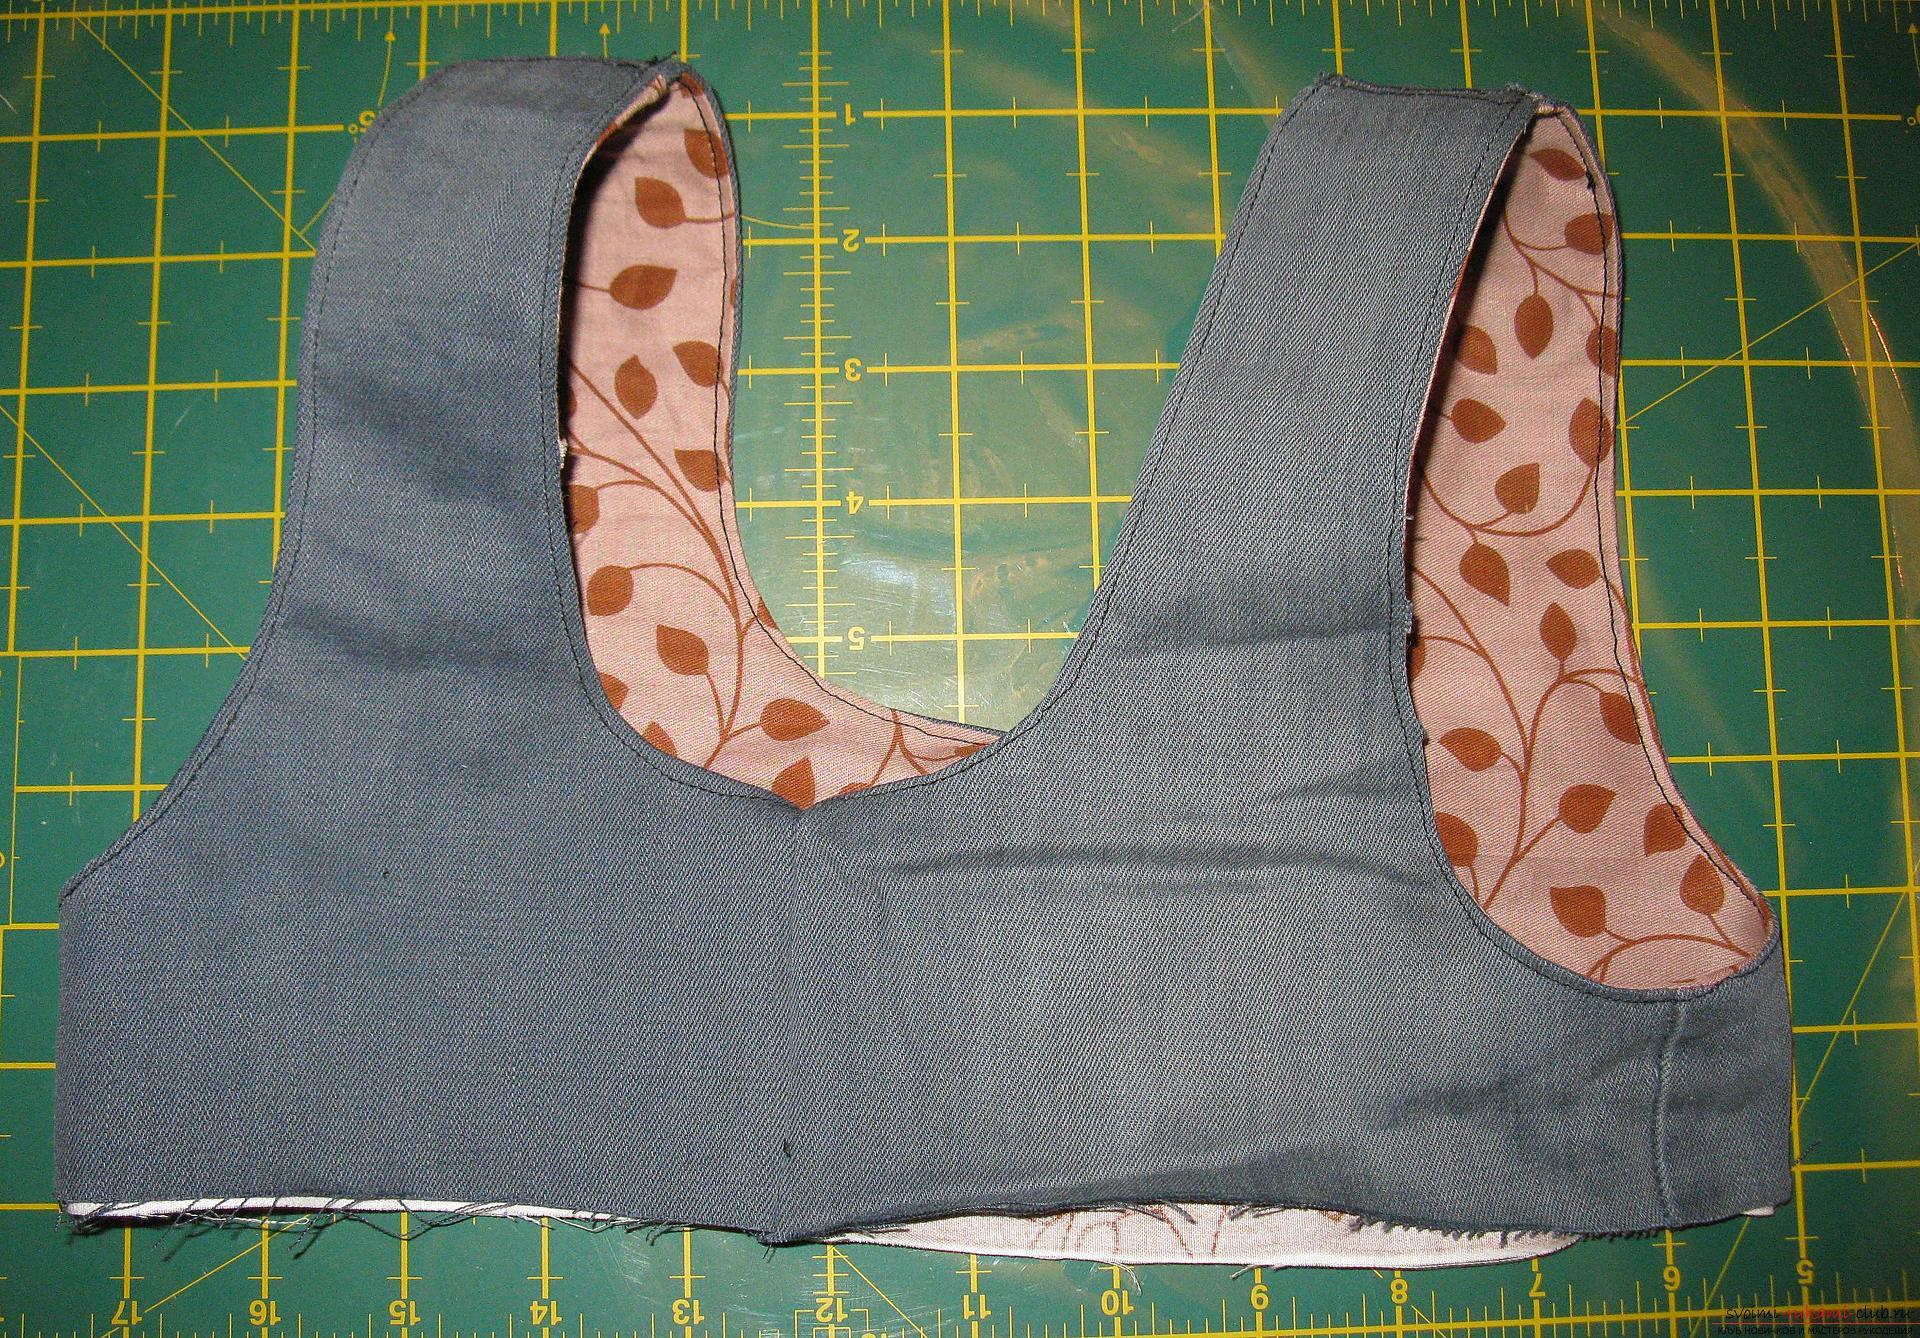 Пошаговые фото к уроку по пошиву хозяйственной сумки. Фото №12